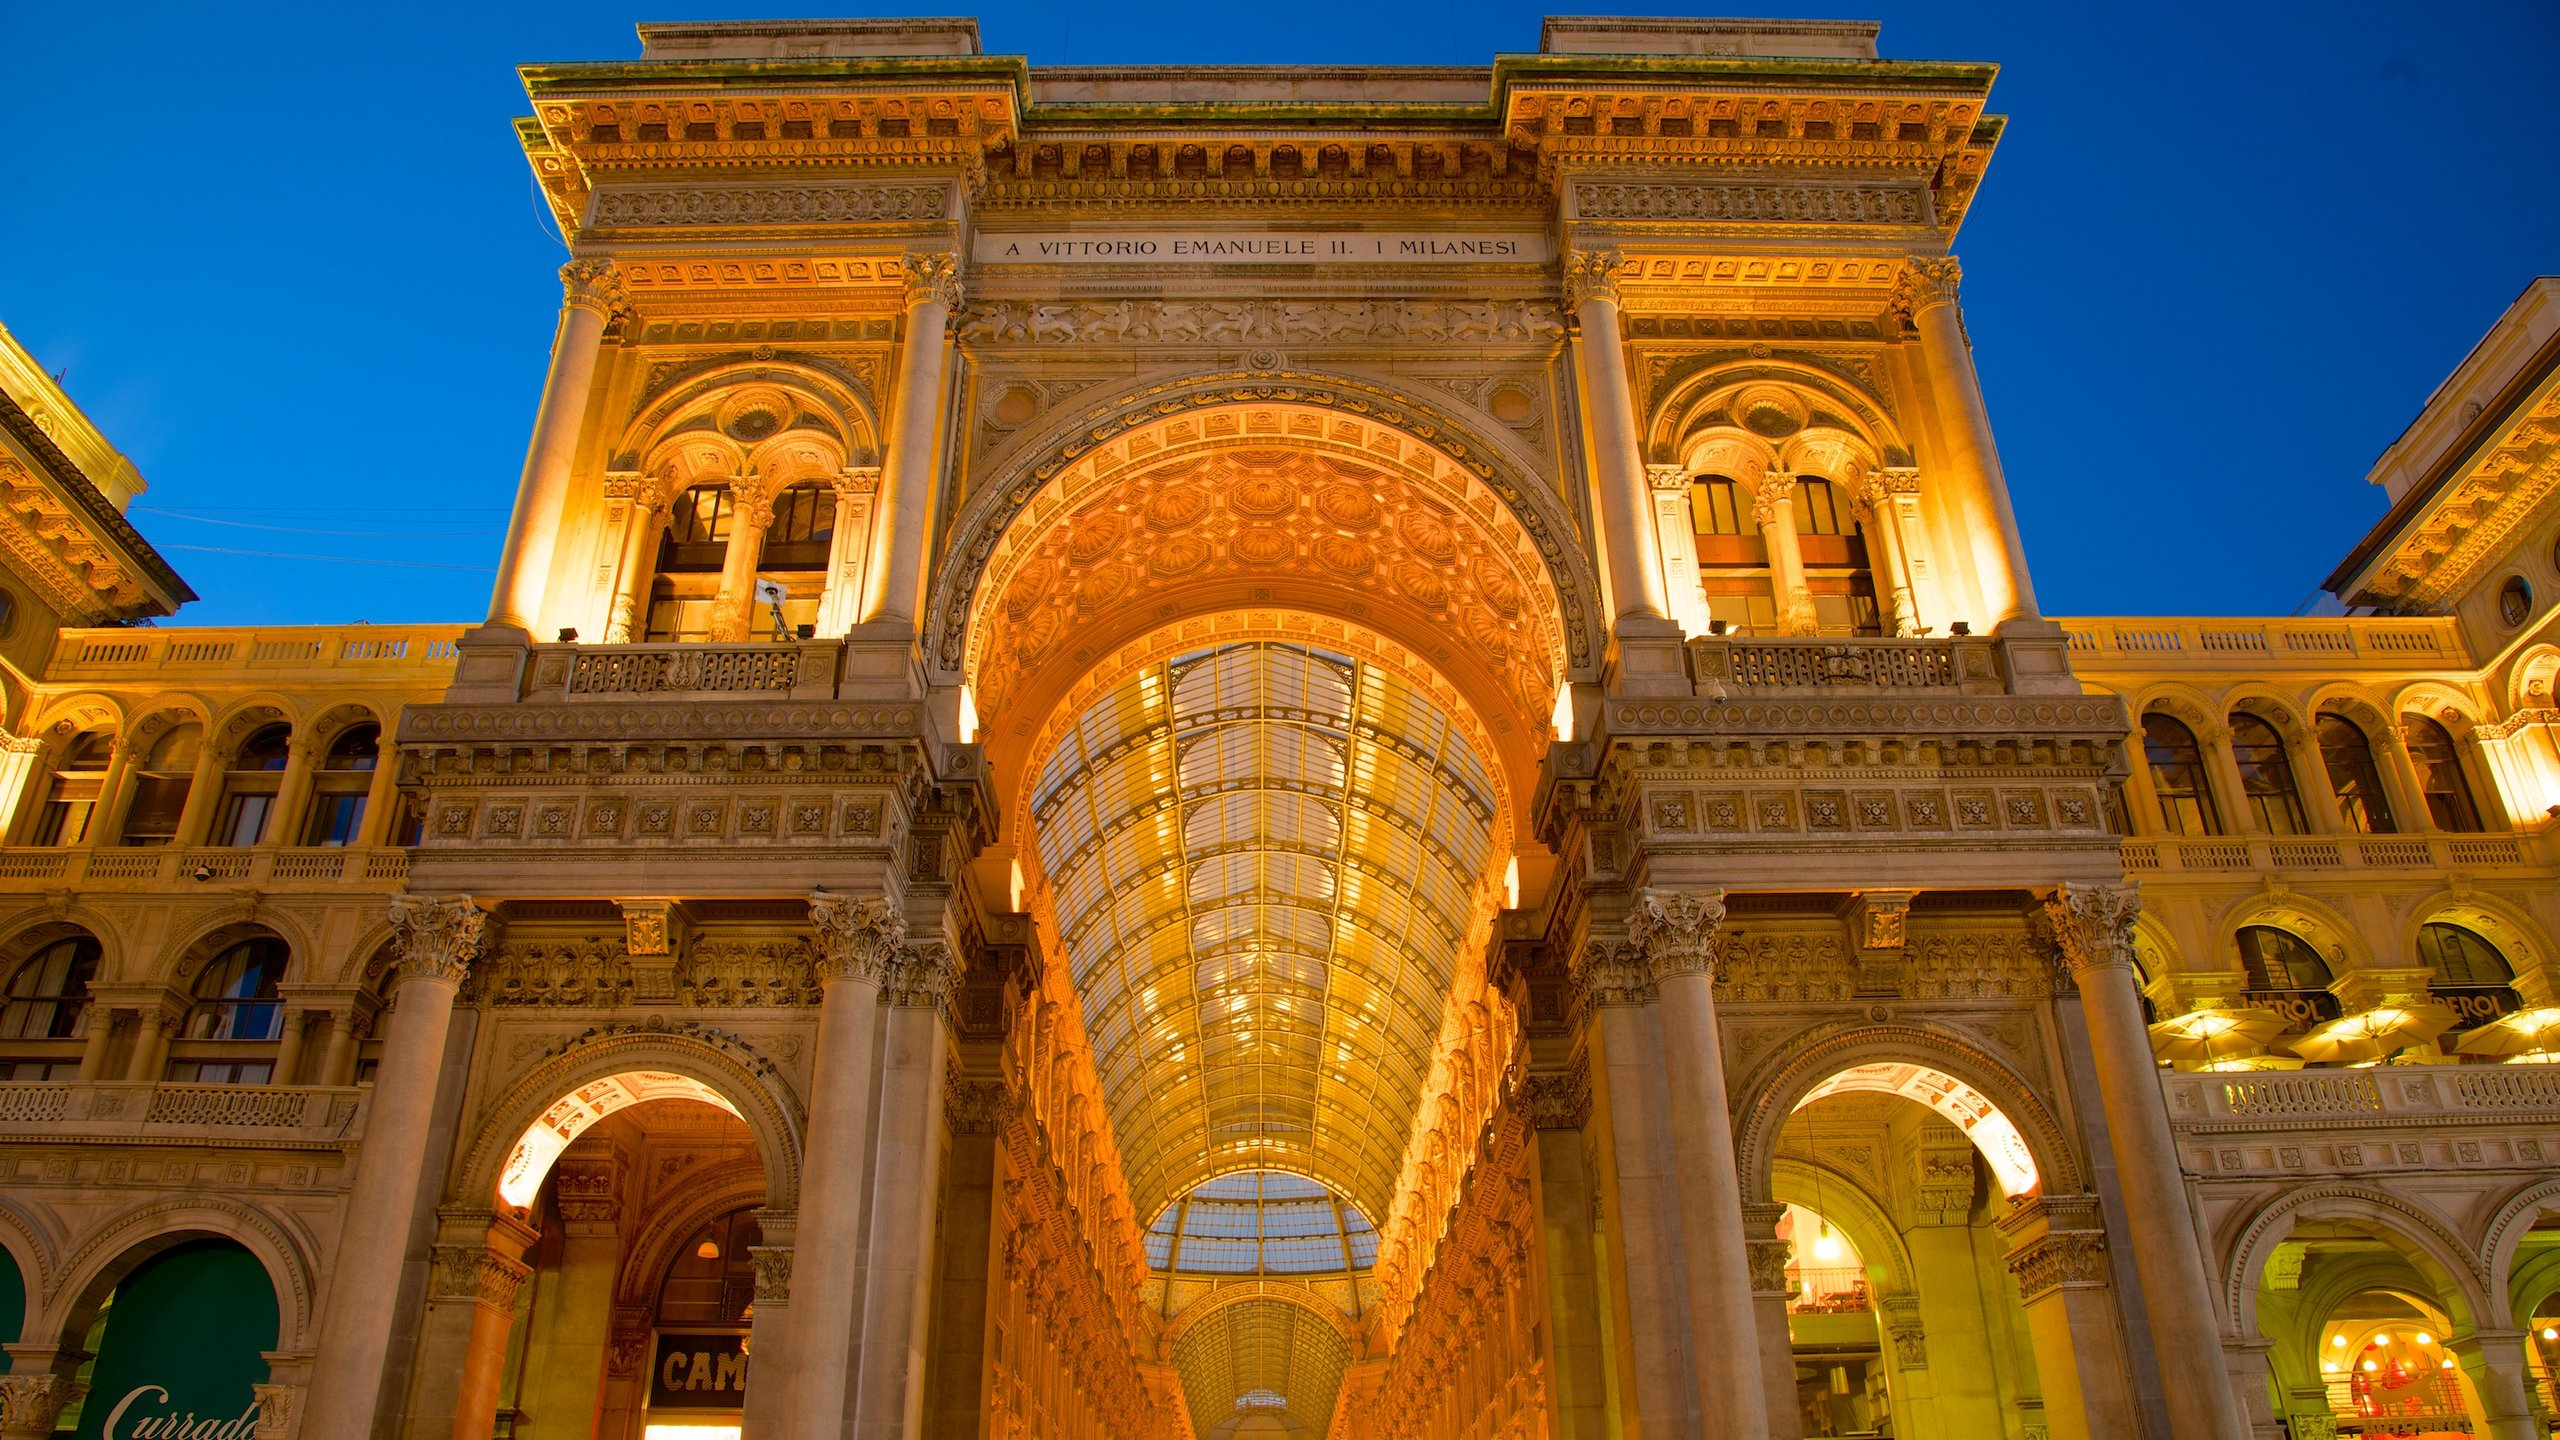 Galleria Vittorio Emanuele II, Mailand, Lombardei, Italien